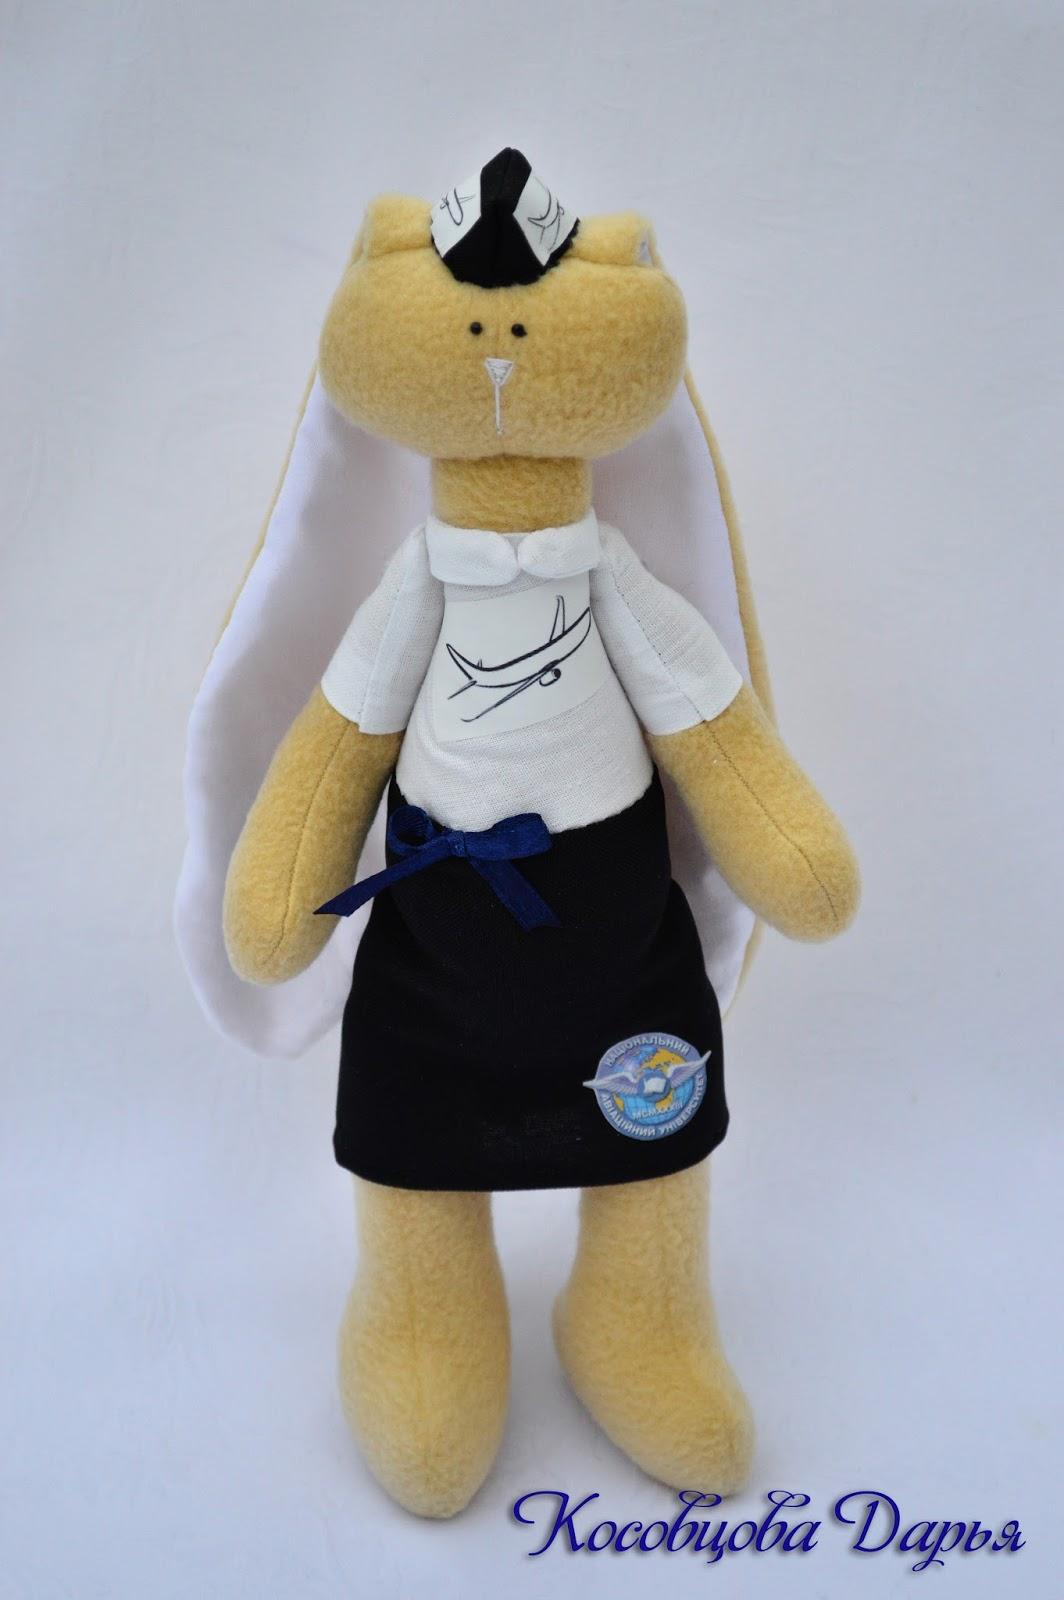 Игрушка ручной работы, авторский зайчик, заяц на заказ, купить игрушки ручной работы в киеве